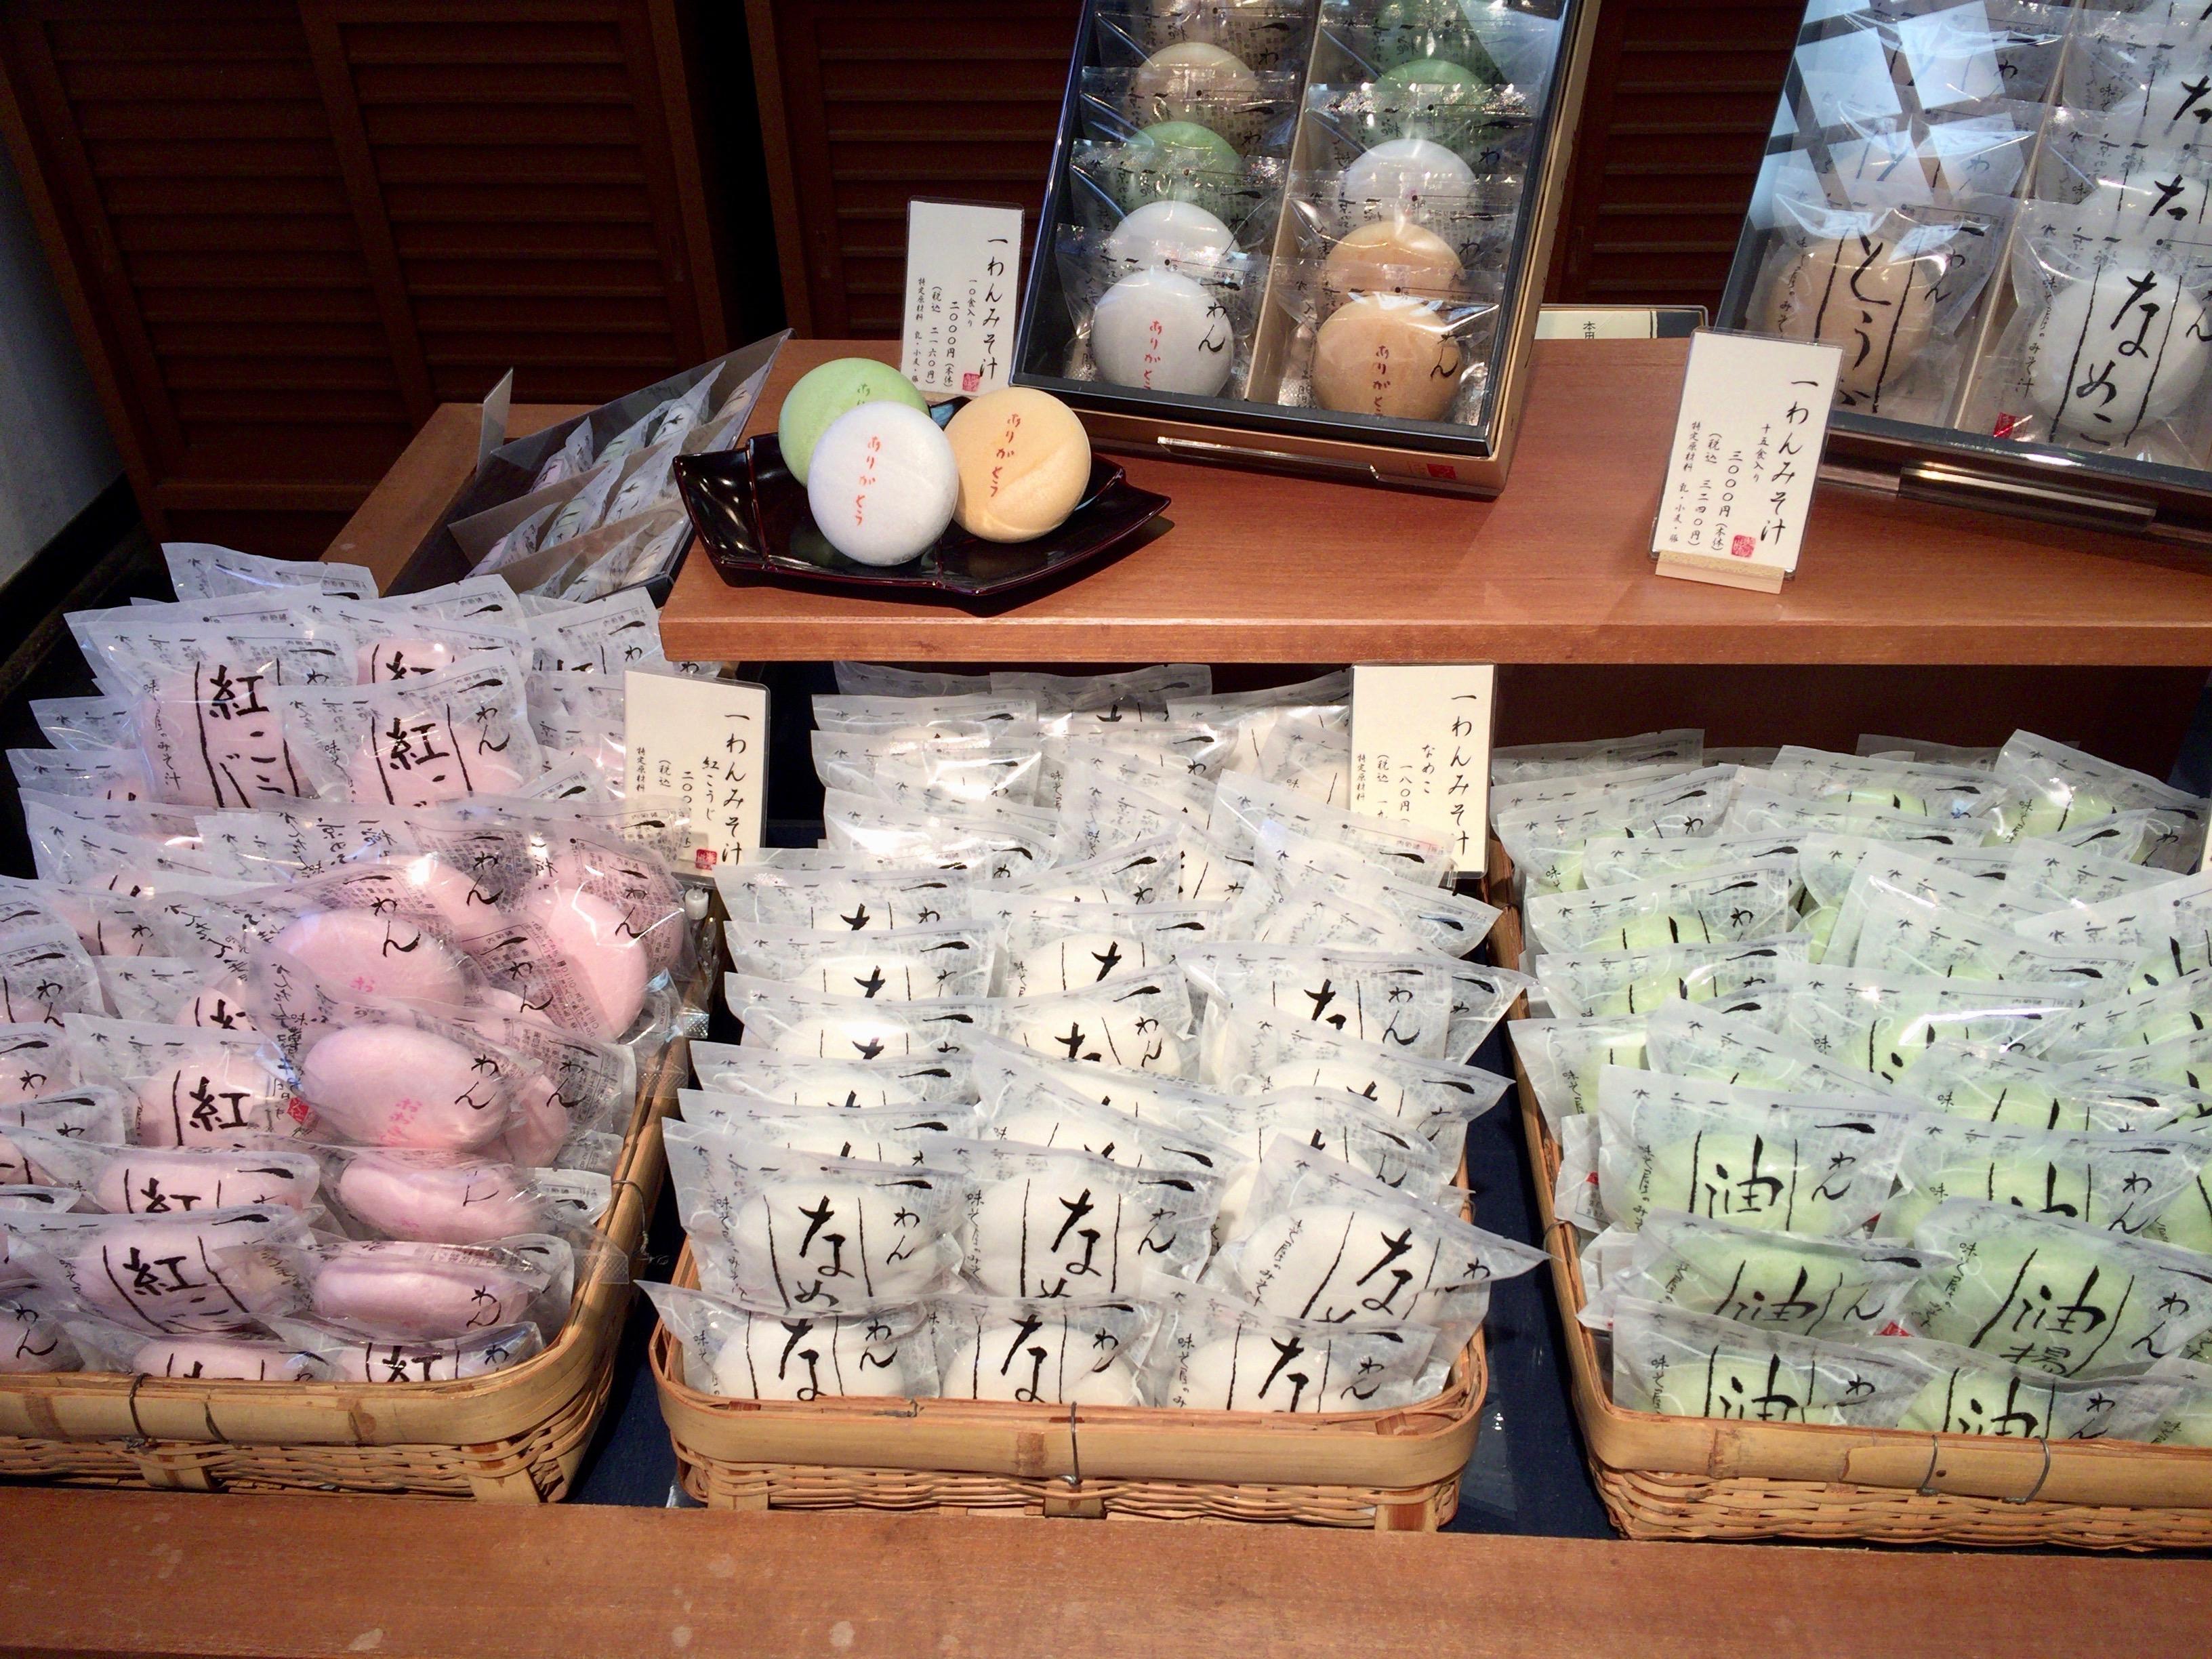 万人受けする京都の手土産!老舗味噌店が作る絶品の即席味噌汁「一わんみそ汁」